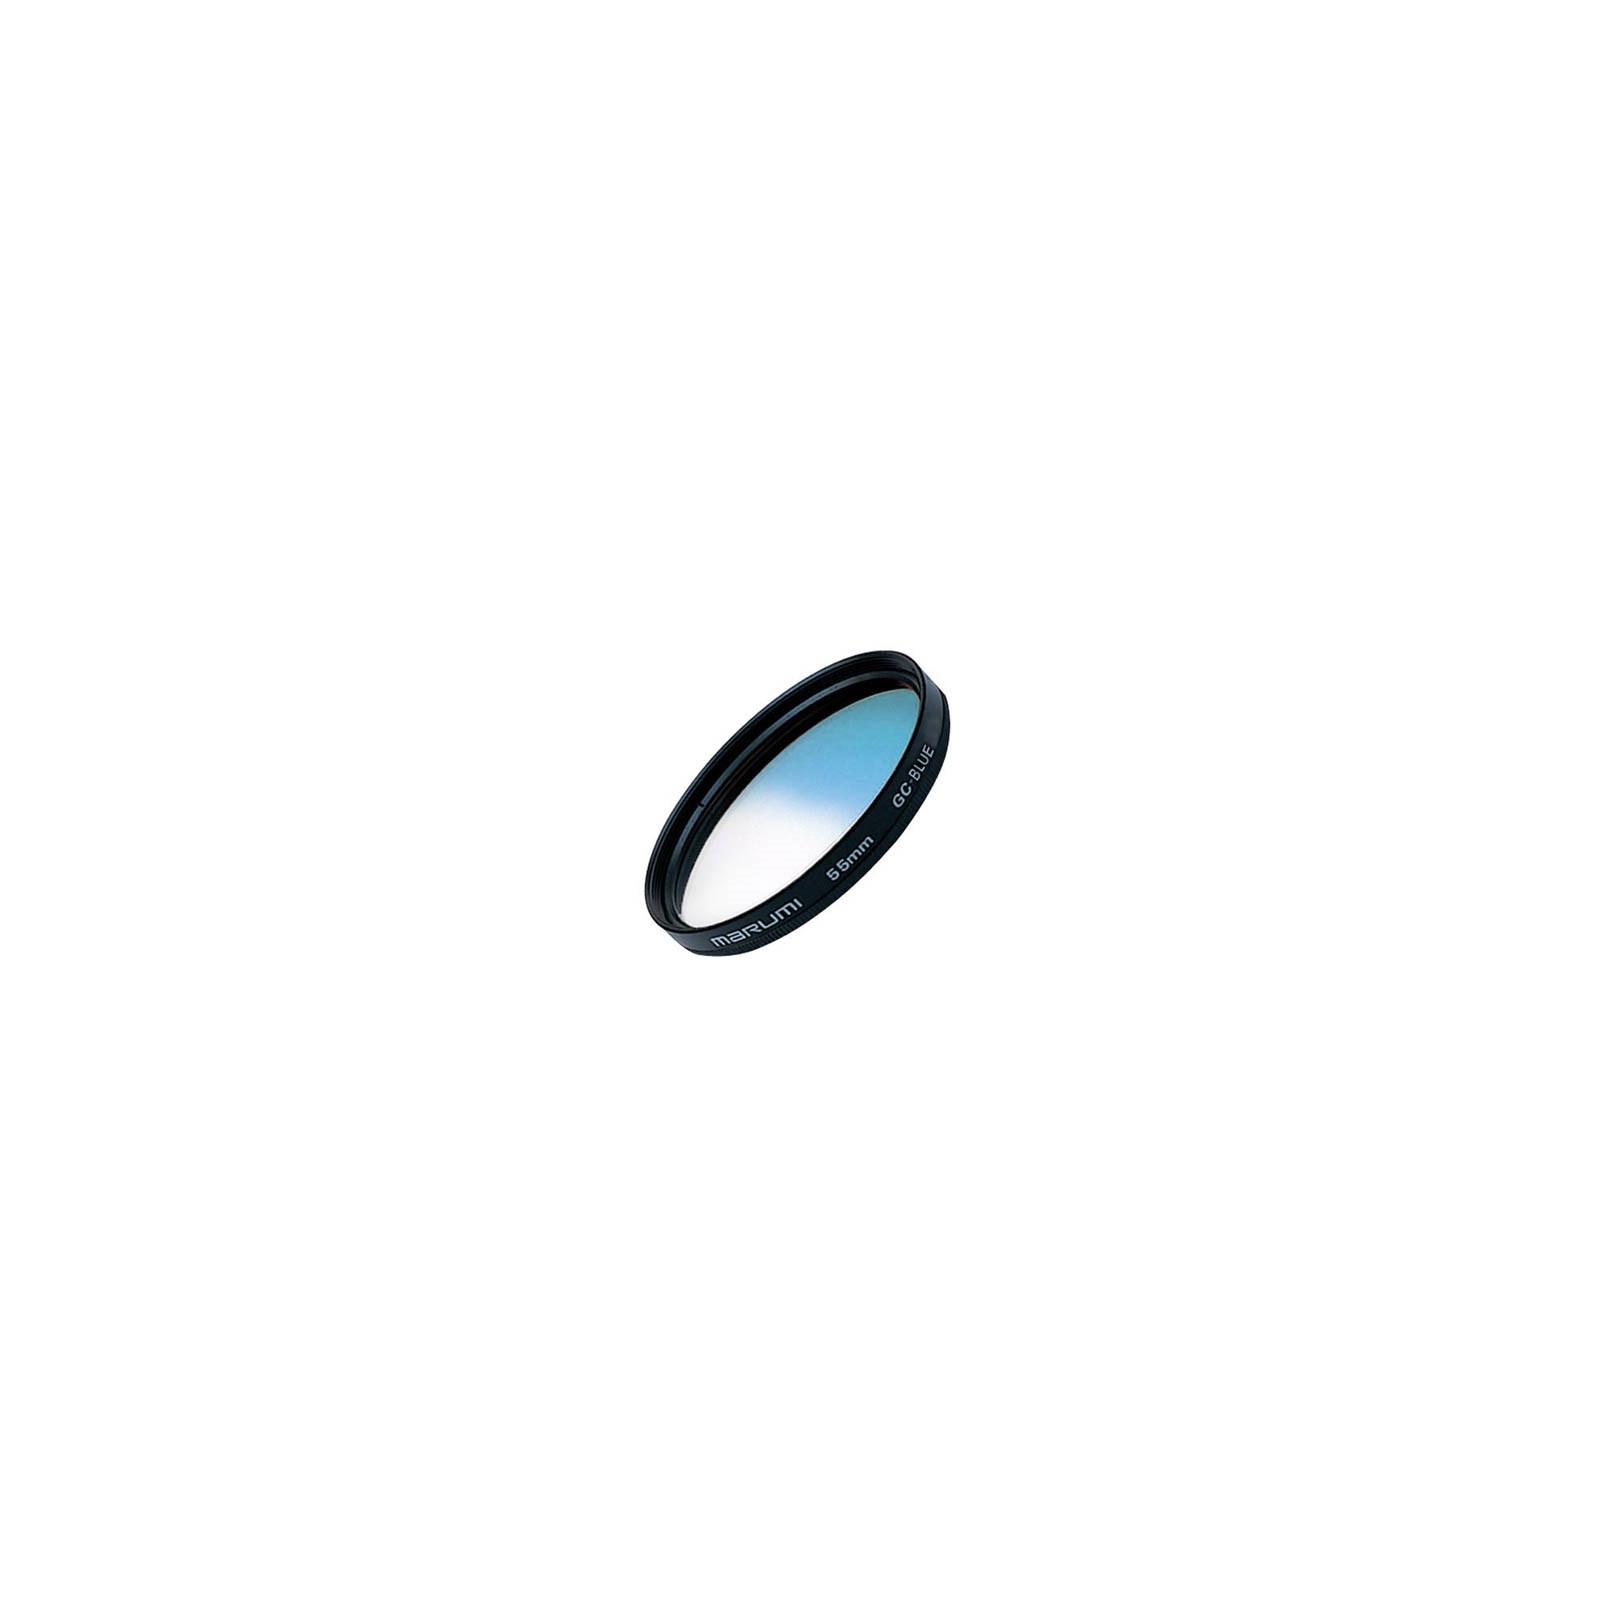 Светофильтр Marumi GC-Blue 55mm